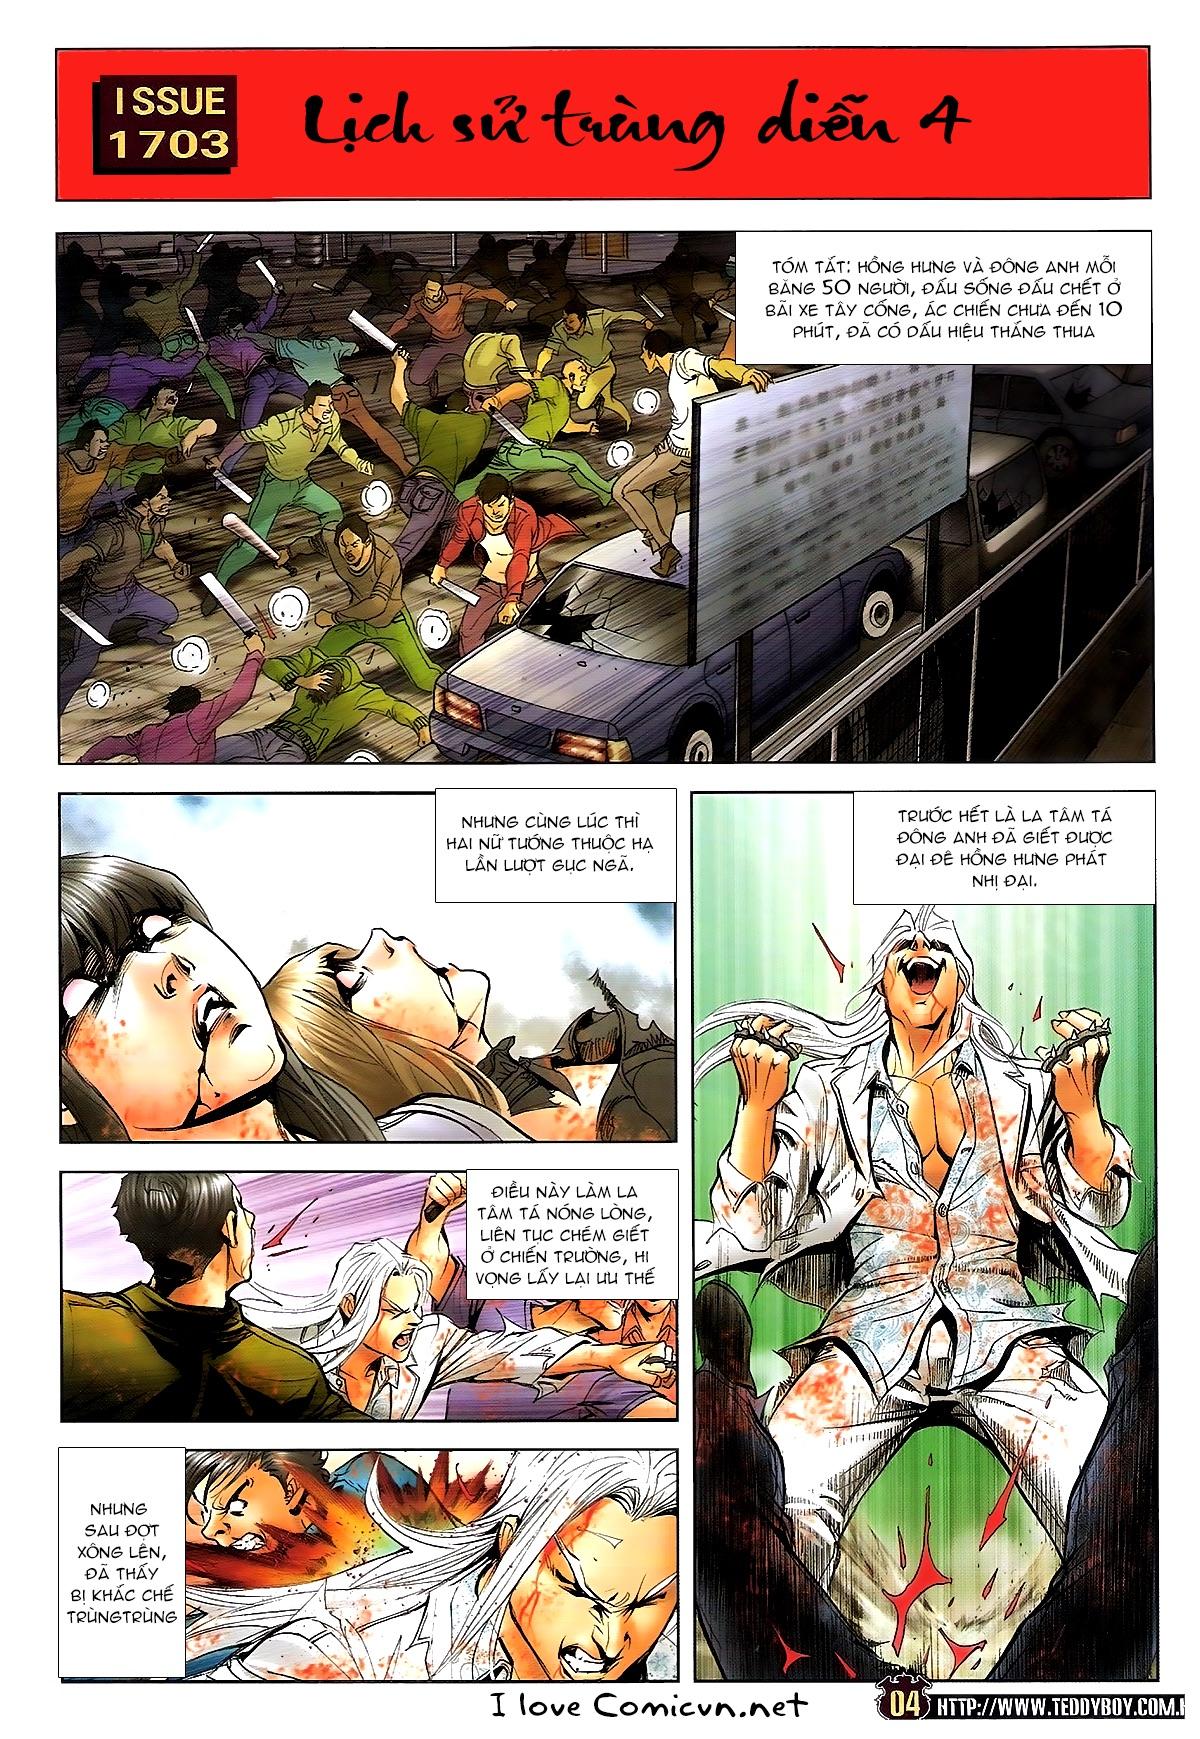 Người Trong Giang Hồ chapter 1703: lịch sử trùng diễn 4 trang 2